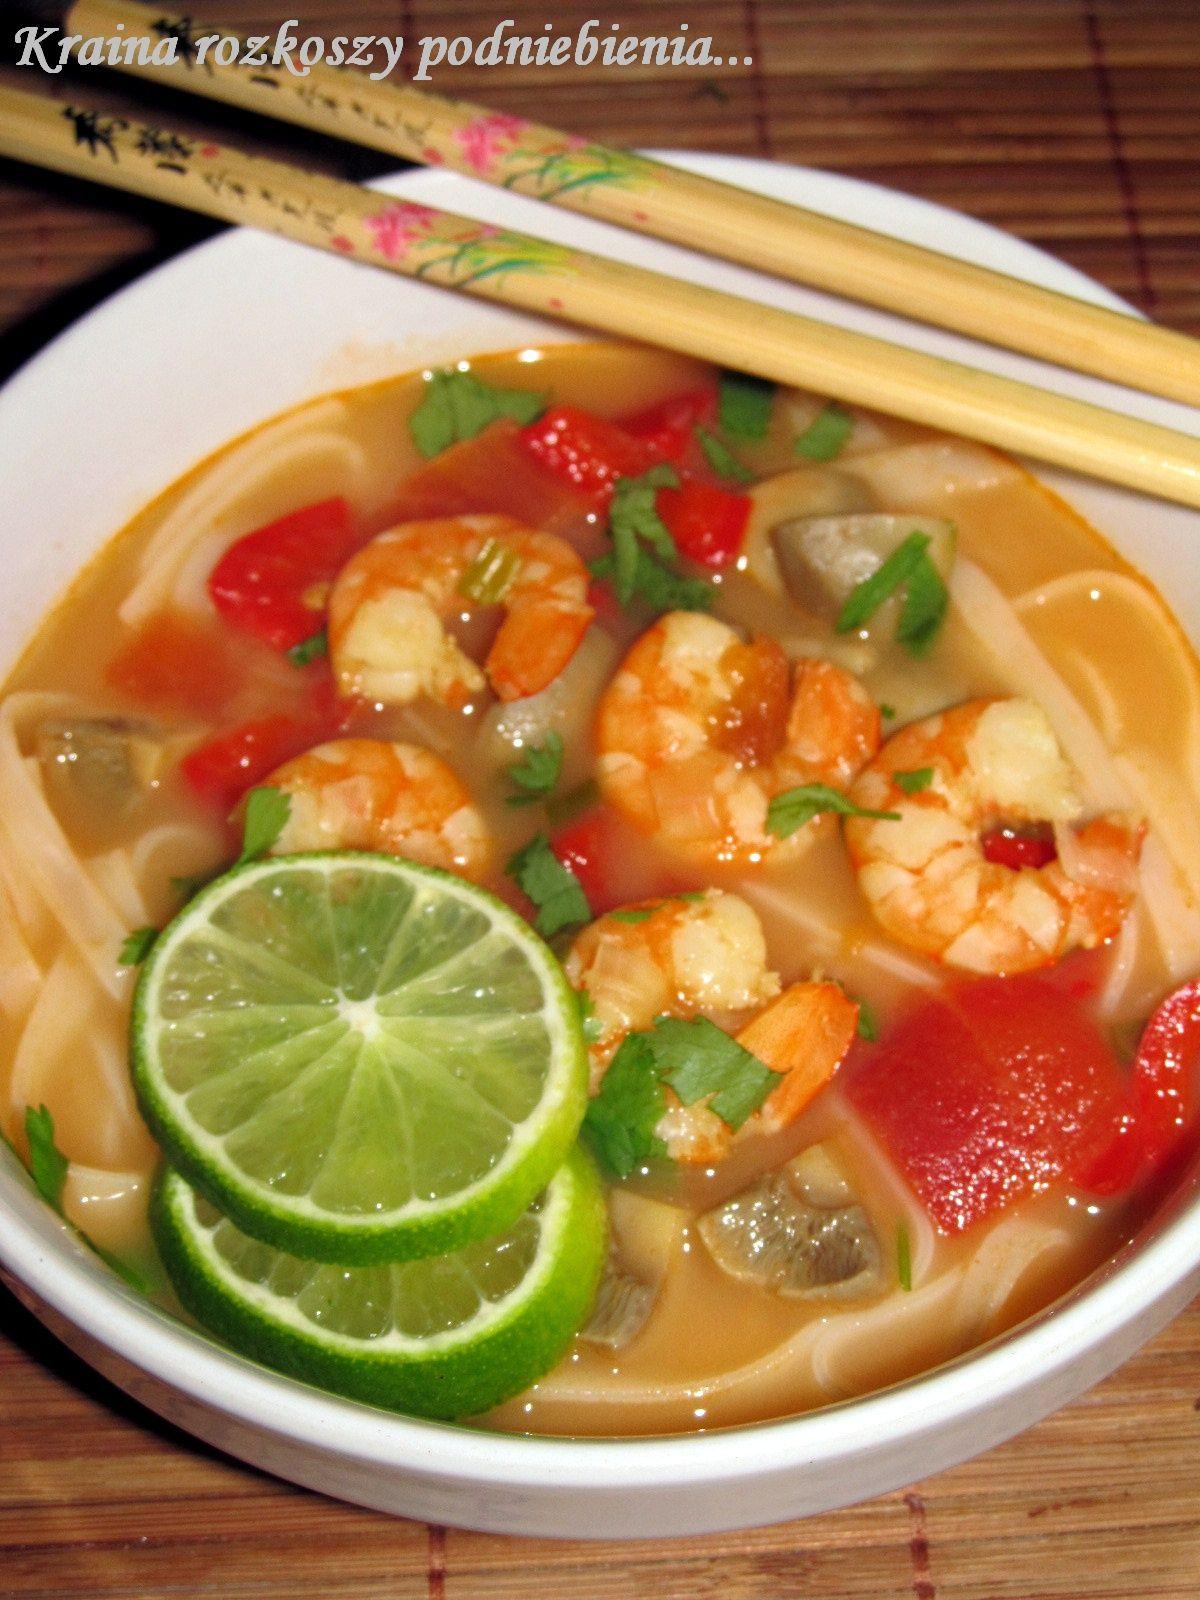 Kraina Rozkoszy Podniebienia Tom Yum Kung Czyli Tajska Zupa Z Krewetek Tom Yum Kung Yum Cooking Recipes